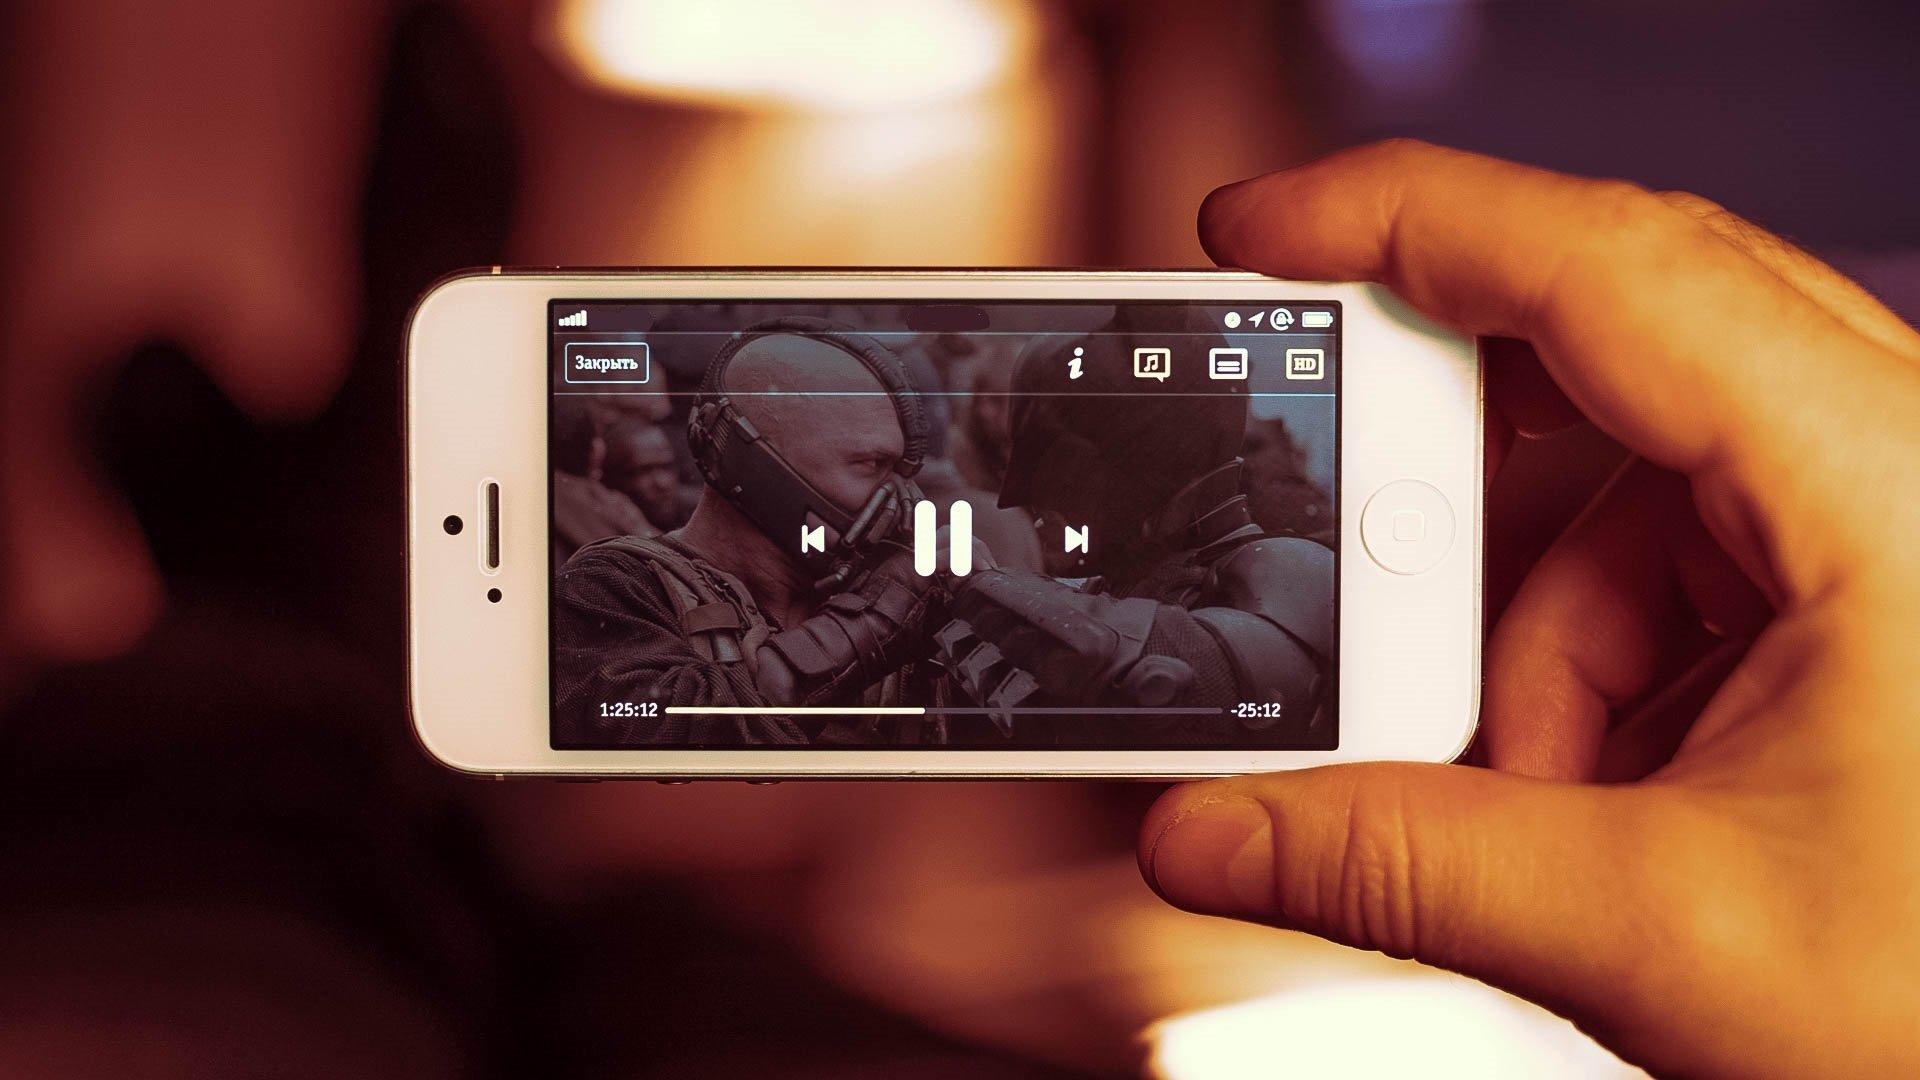 как скинуть фильмы на iphone